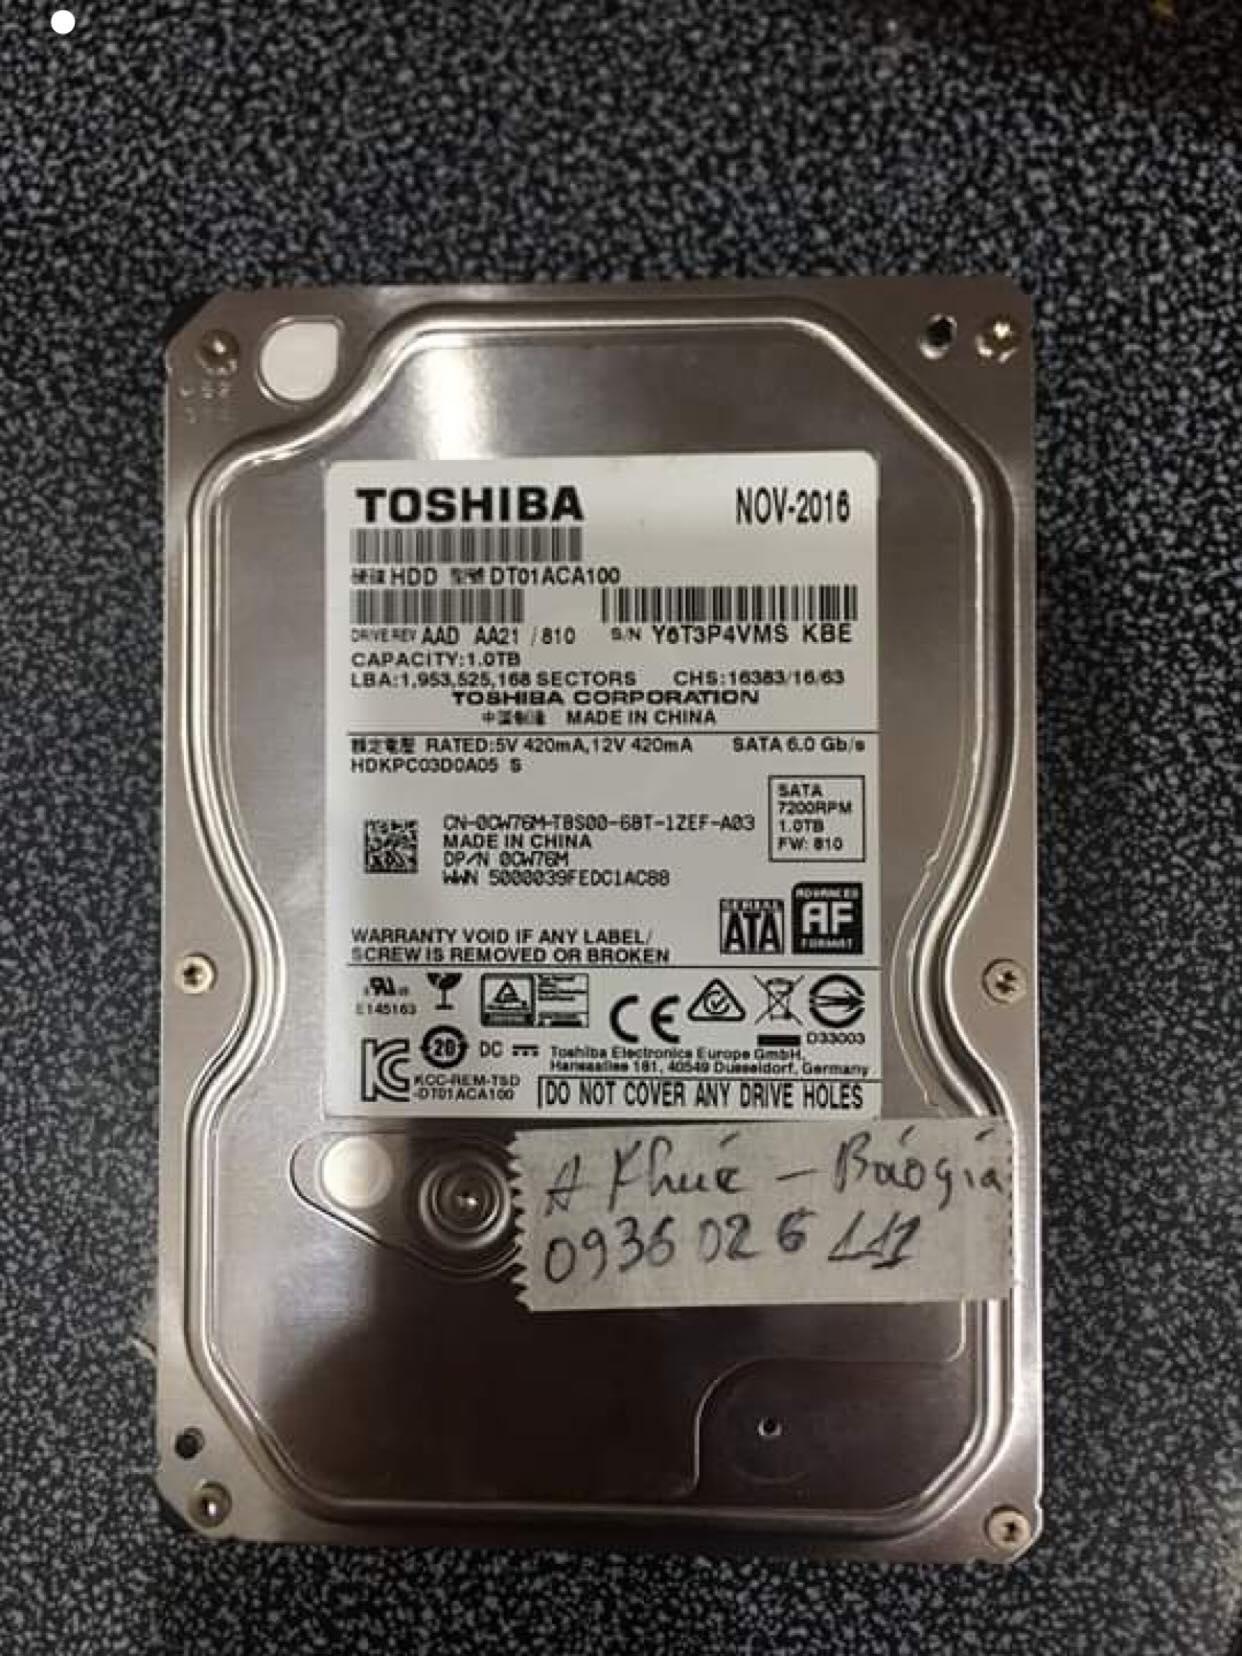 Phục hồi dữ liệu ổ cứng Toshiba 1TB lỗi cơ tại Bắc Ninh 01/08/2019 - cuumaytinh